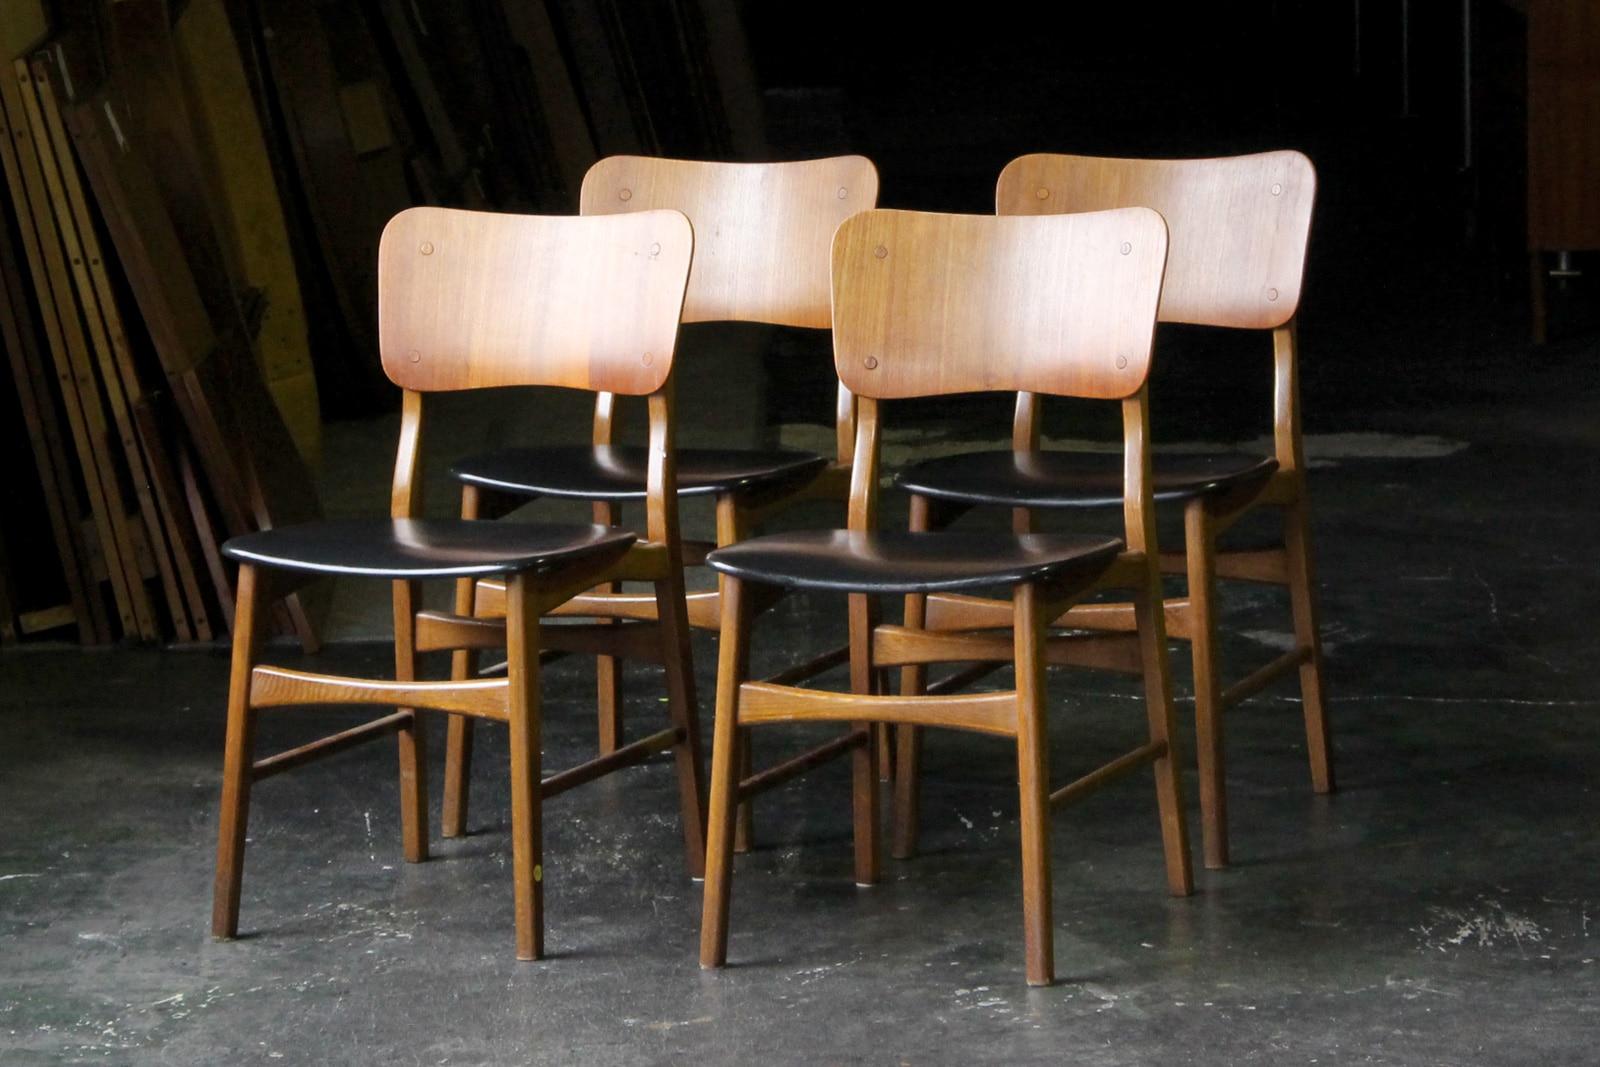 北欧,ヴィンテージ,家具,イプコフォードラーセン,ダイニングチェア,椅子